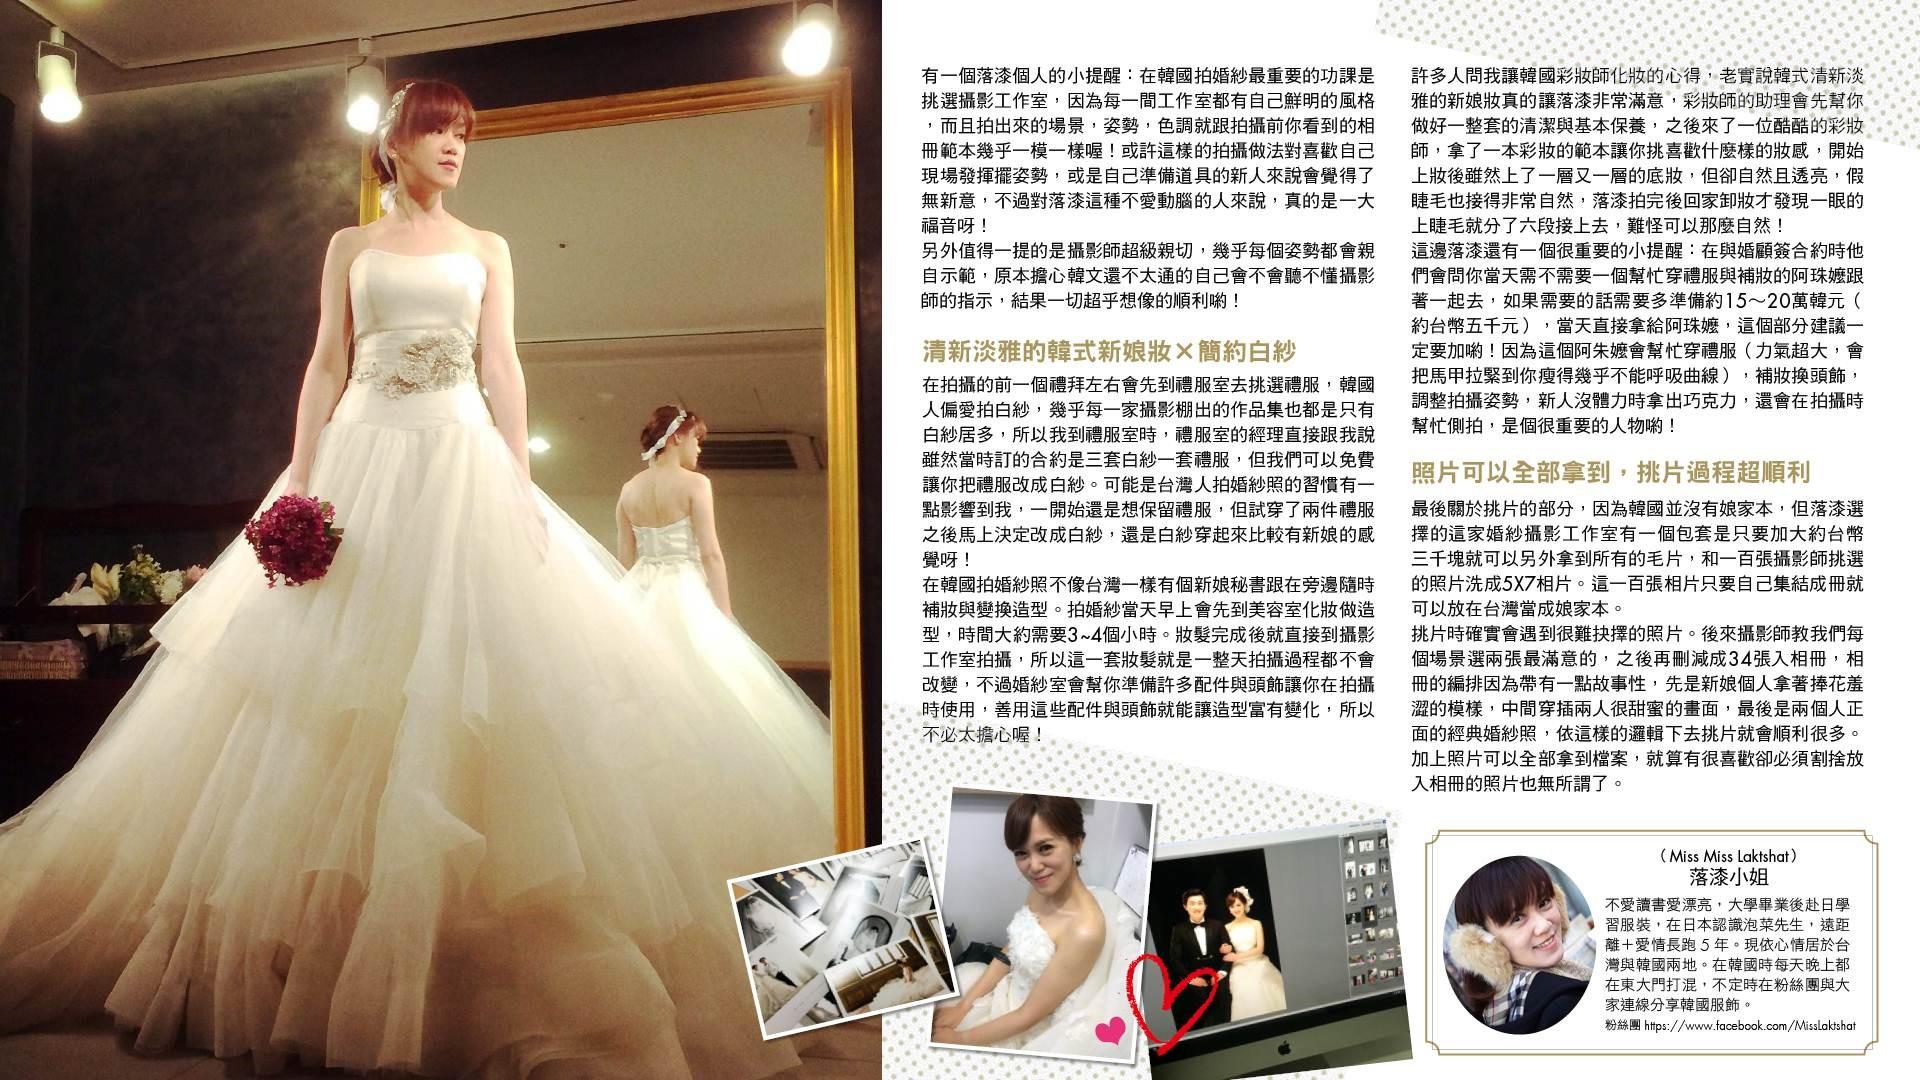 親愛的,我們去韓國拍婚紗照吧!